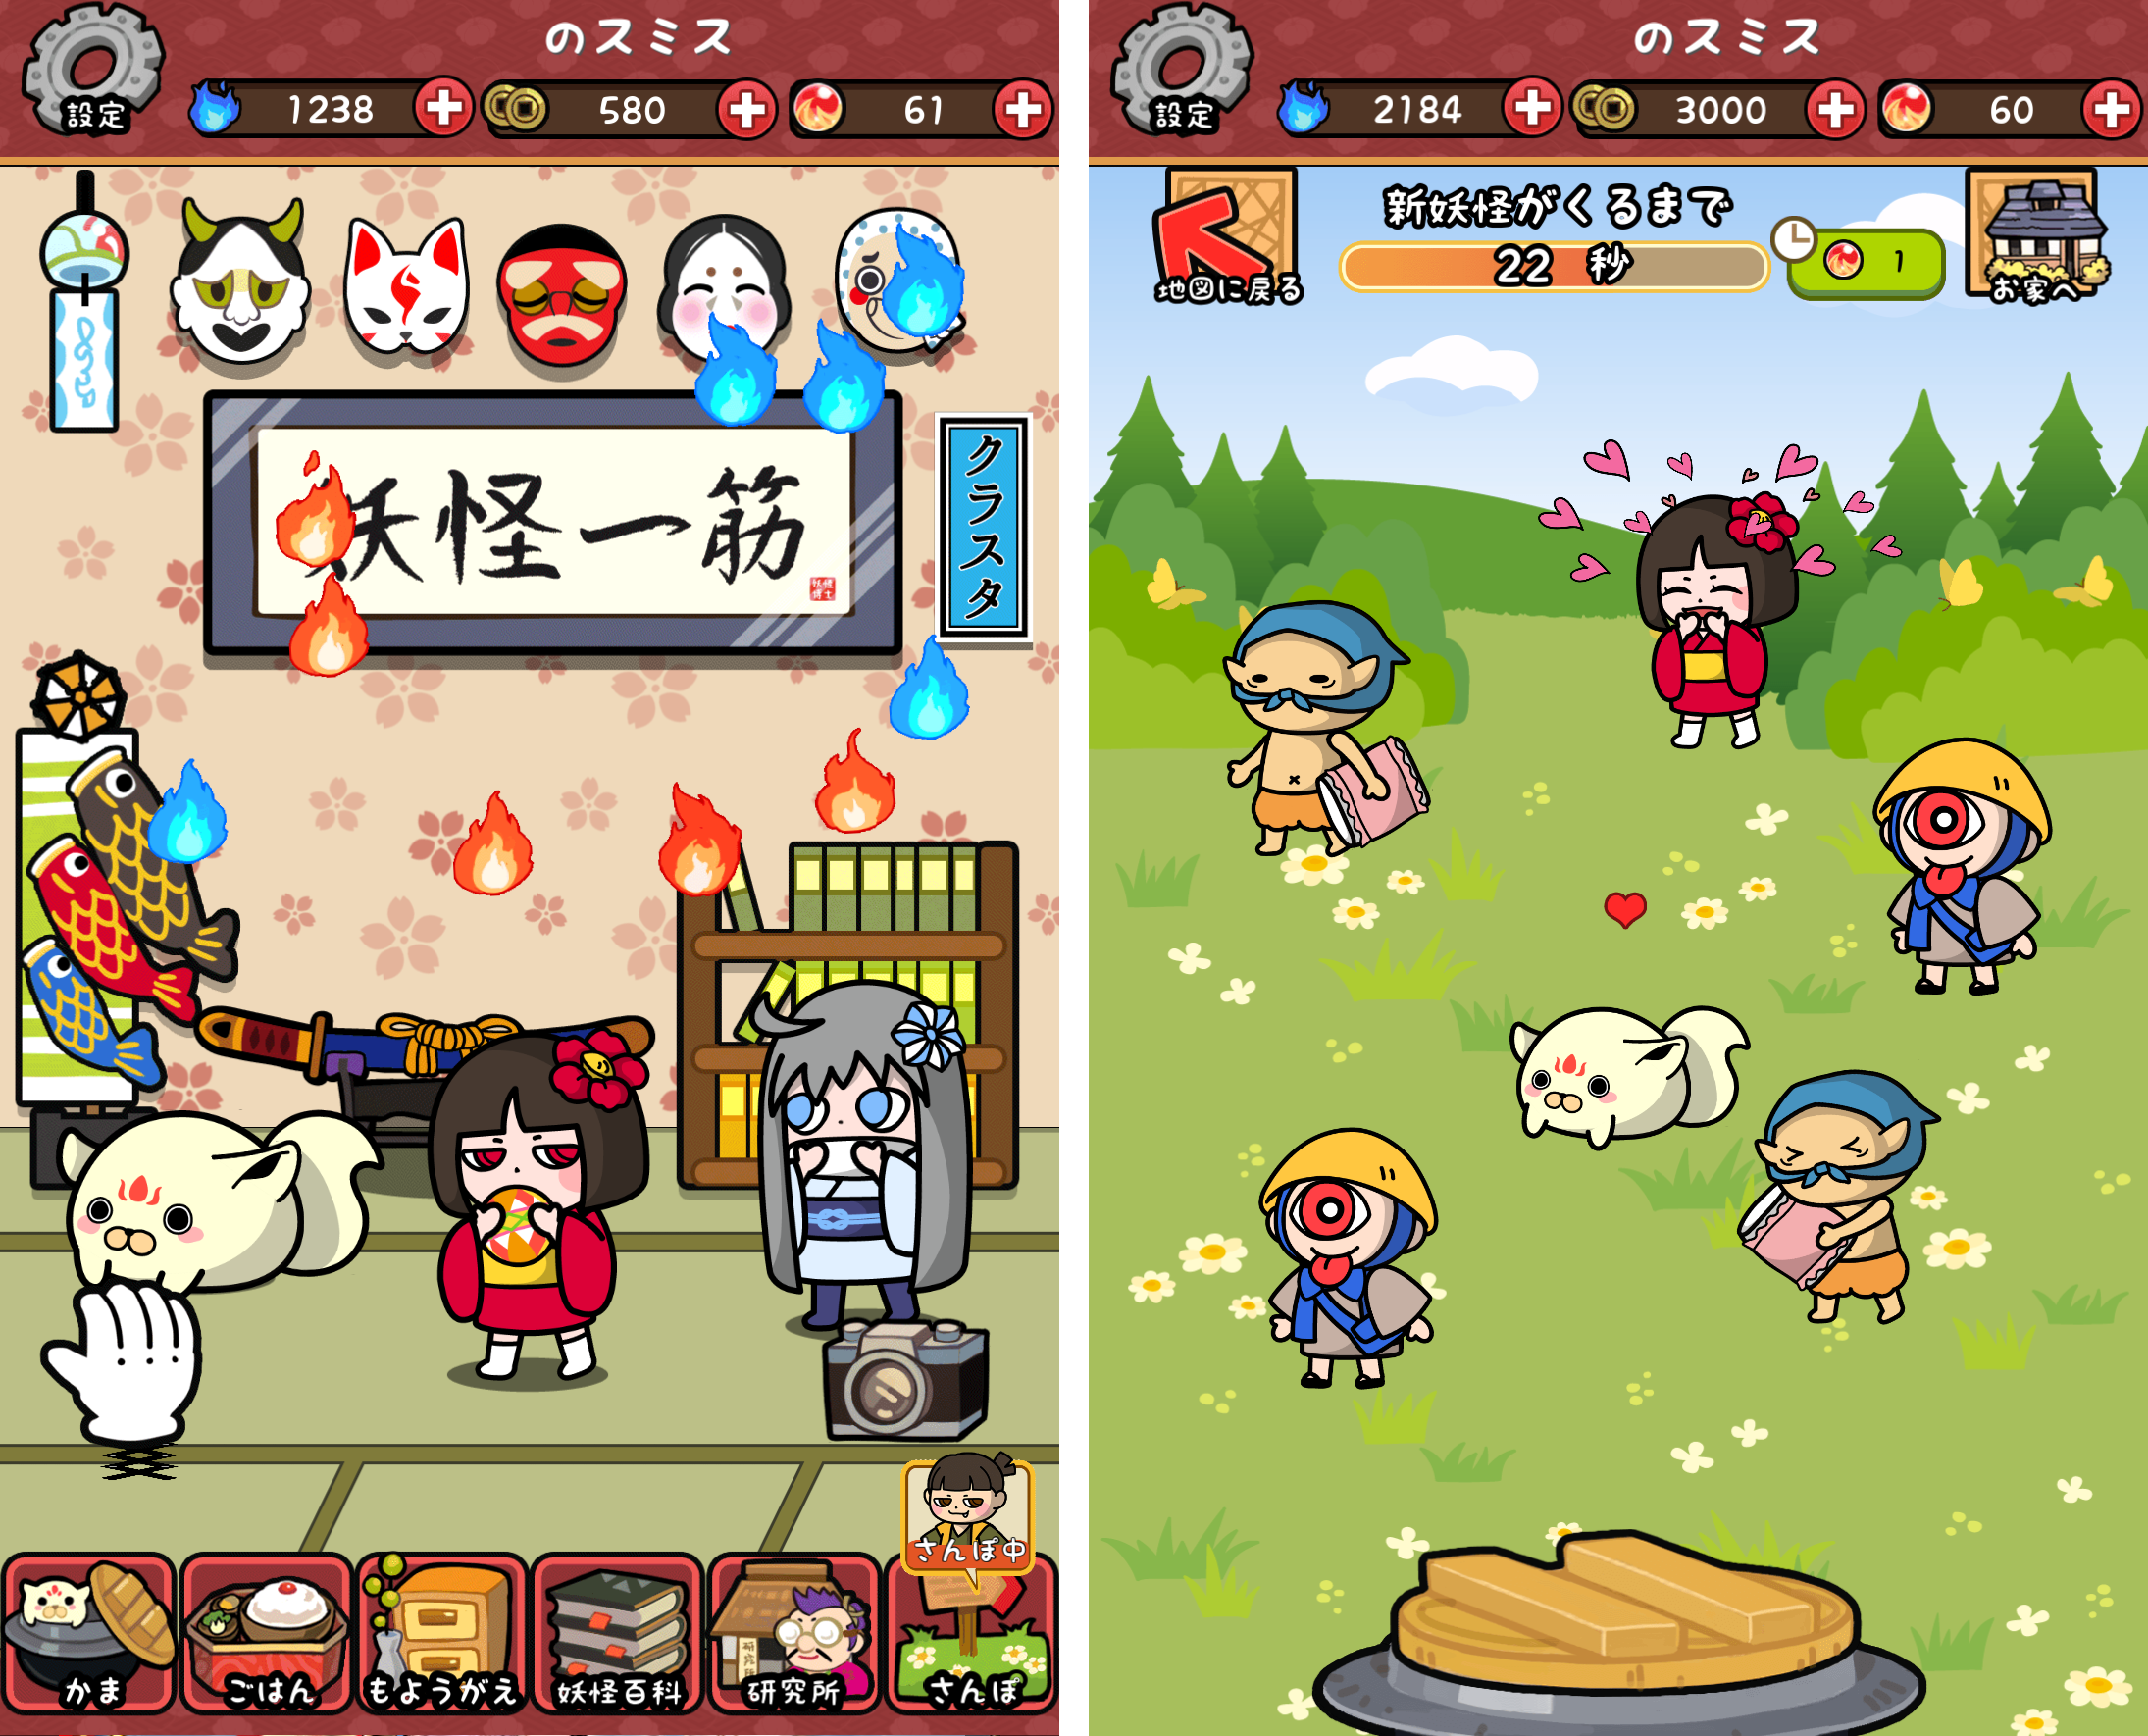 キテレツ!妖怪ほいほい2 androidアプリスクリーンショット1